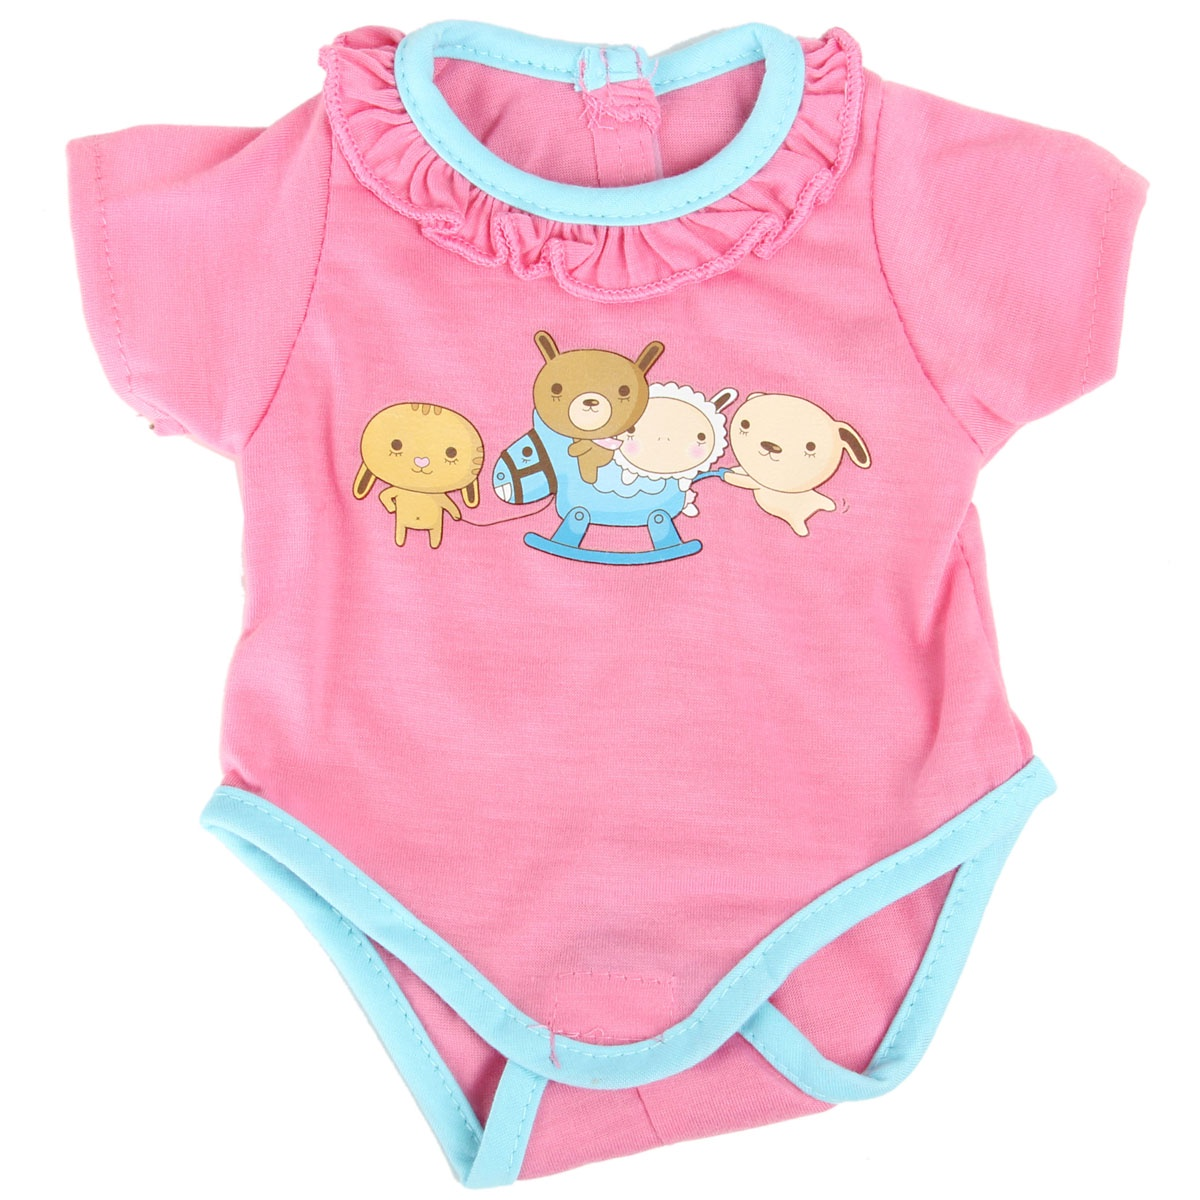 Одежда для кукол Veld Co 75905 одежда для кукол 40 42 см розовый боди